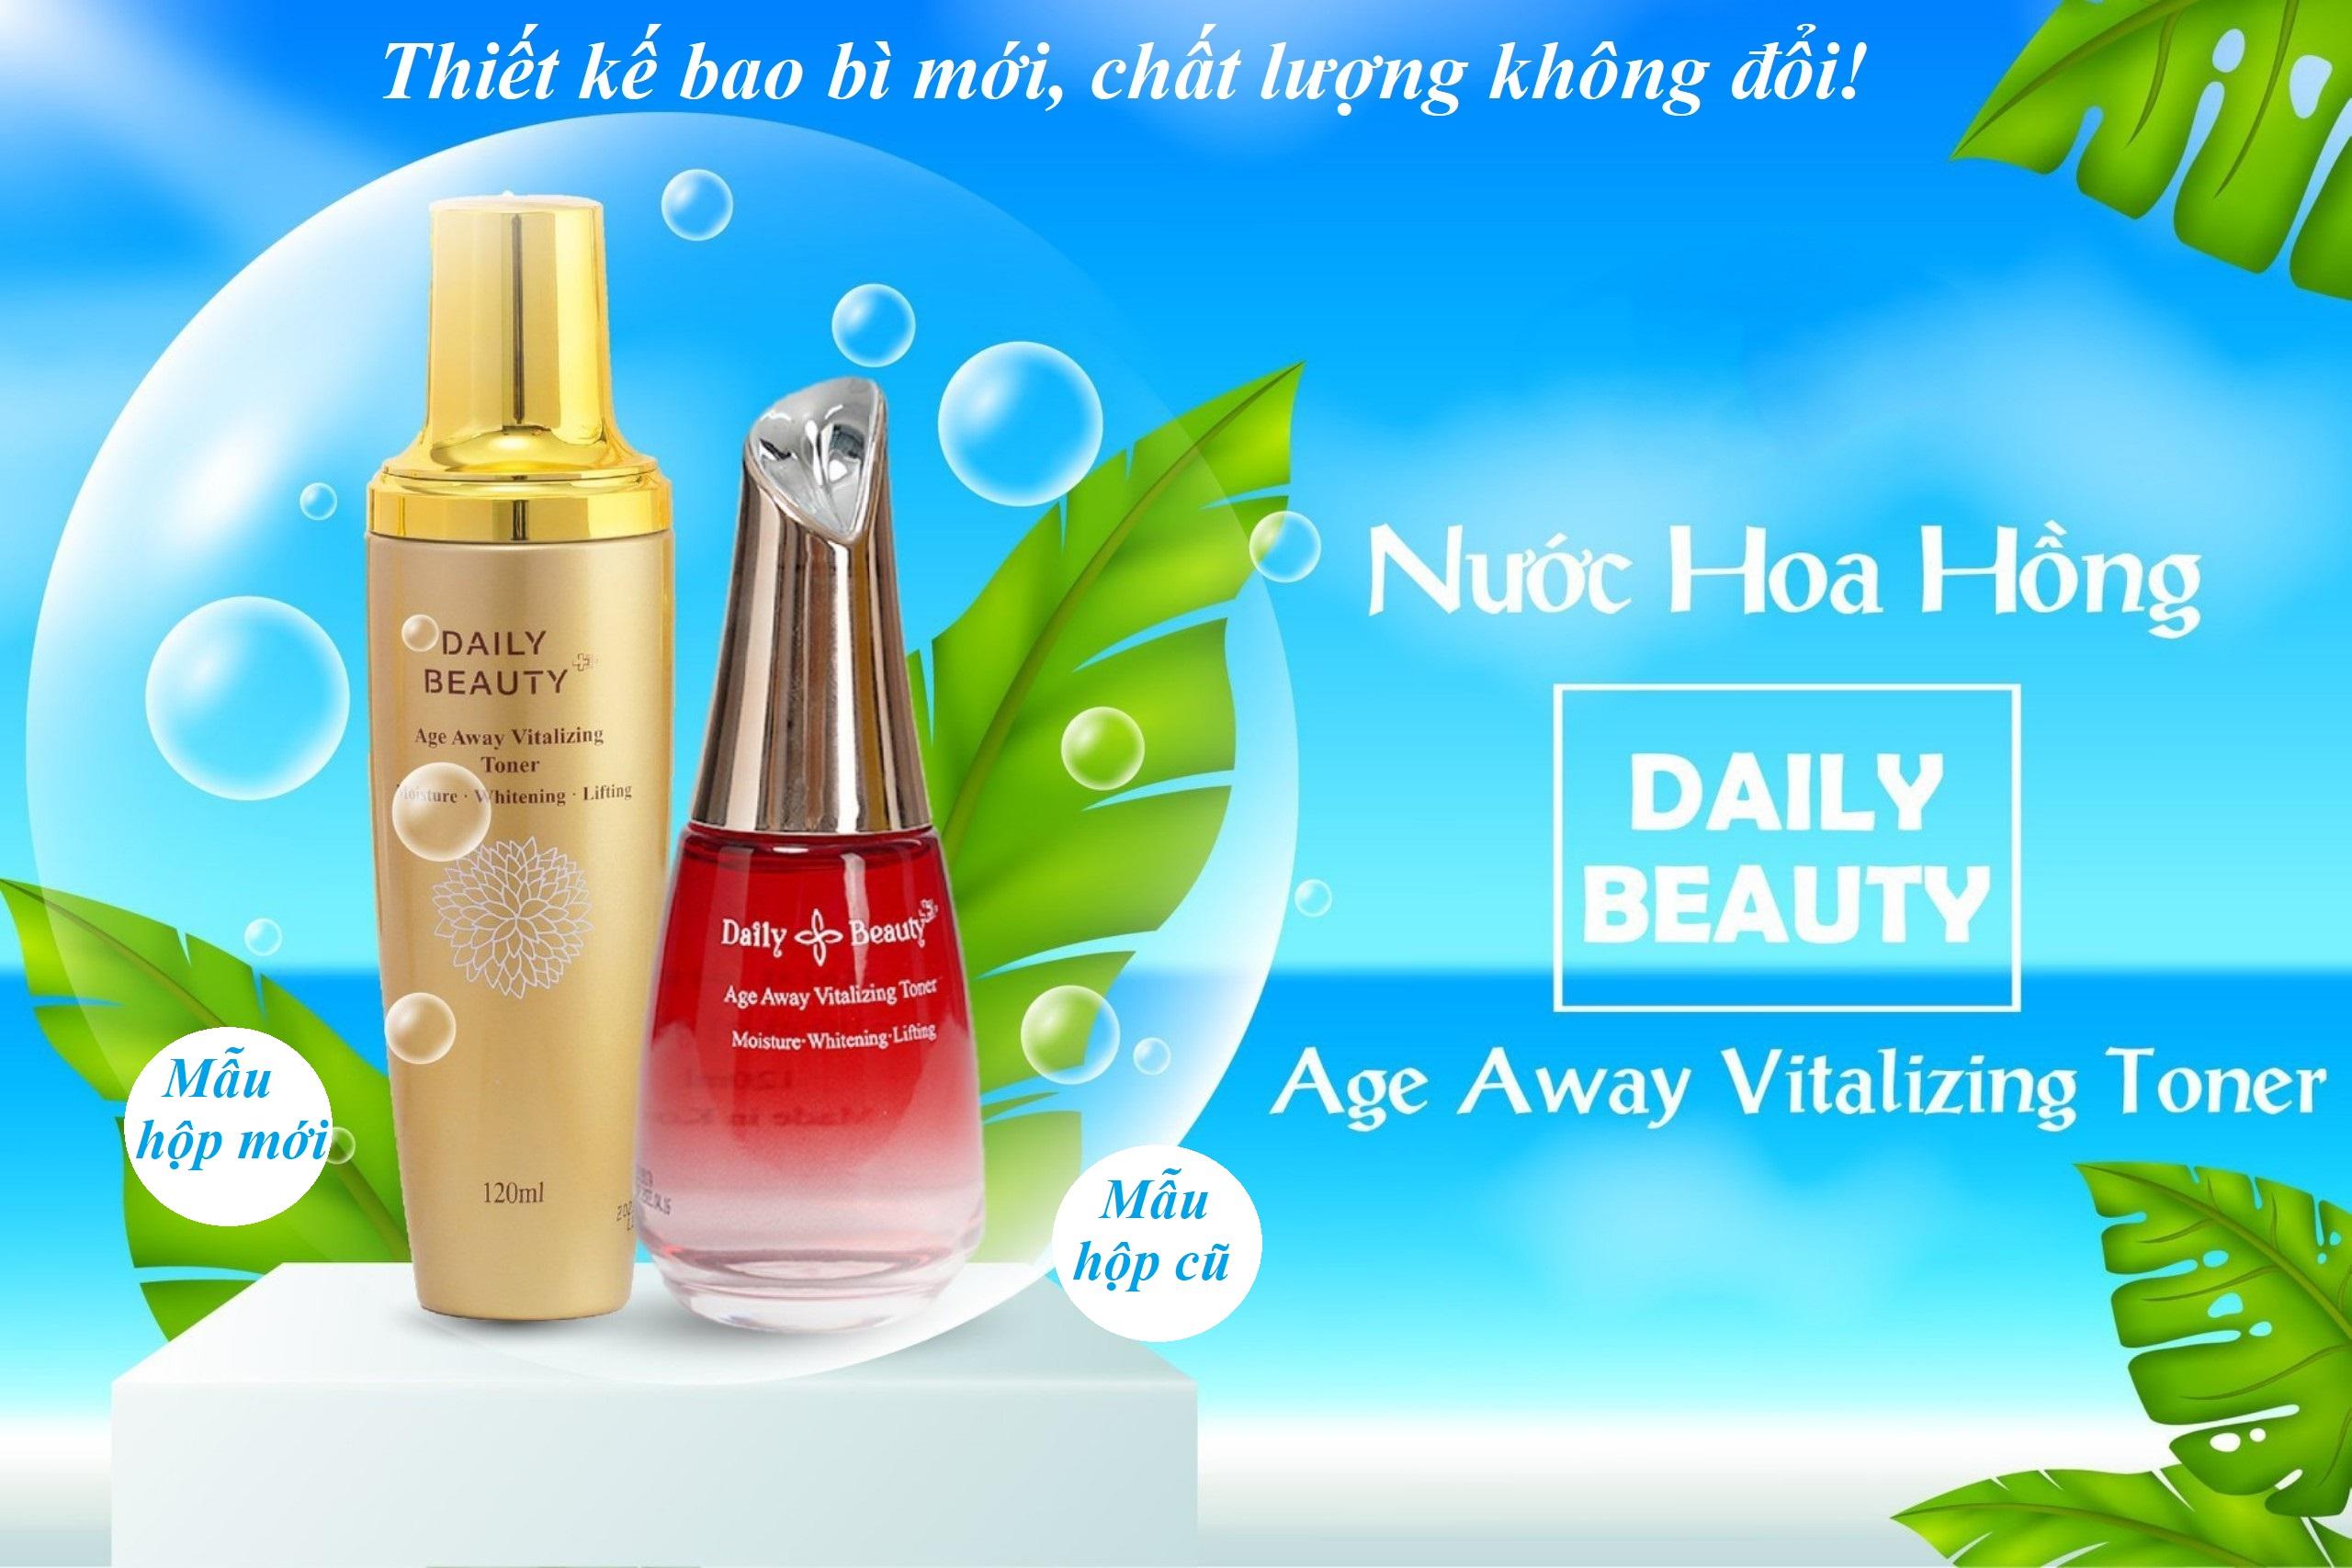 Combo 4 hộp Nước hoa hồng Daily Beauty Age Away Vitalizing Toner R&B Việt Nam nhập khẩu chính ngạch từ Hàn Quốc